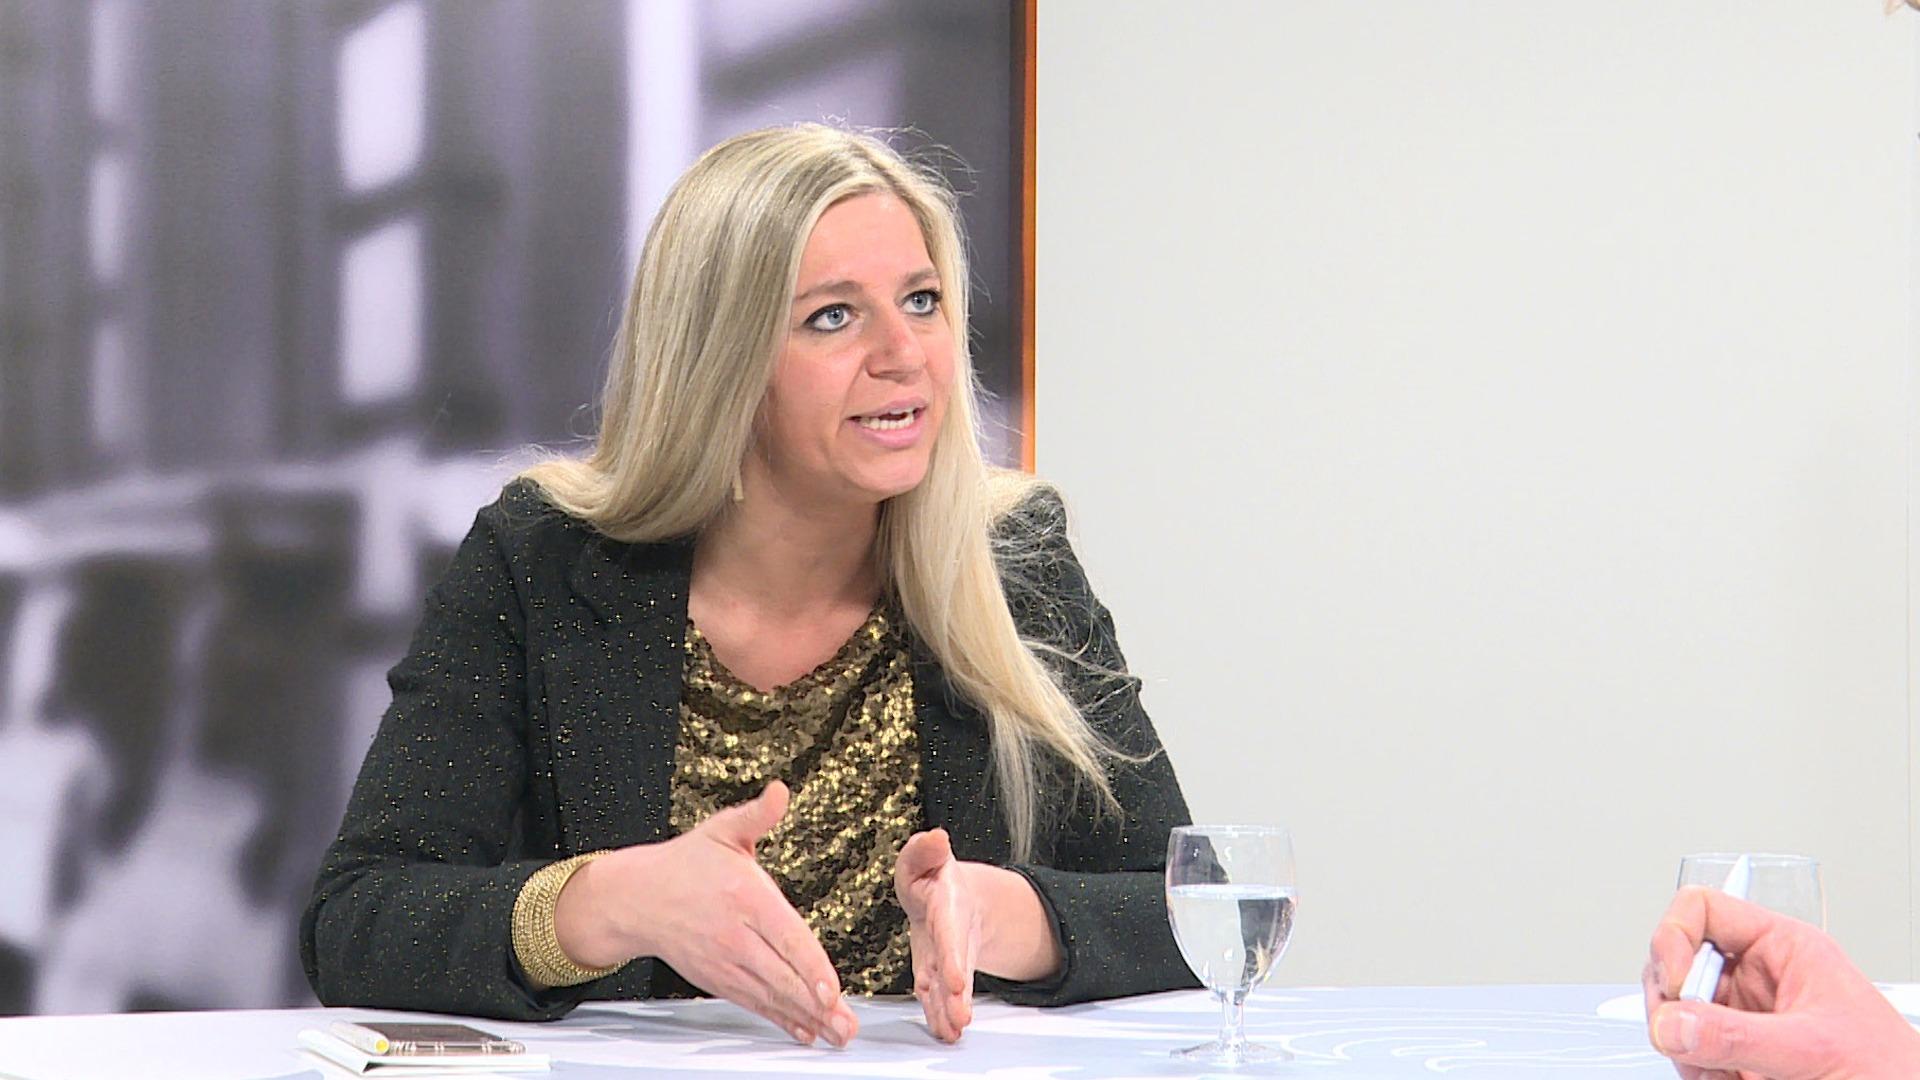 Studio Vlaams Parlement: Gwenny De Vroe over de app BelAir